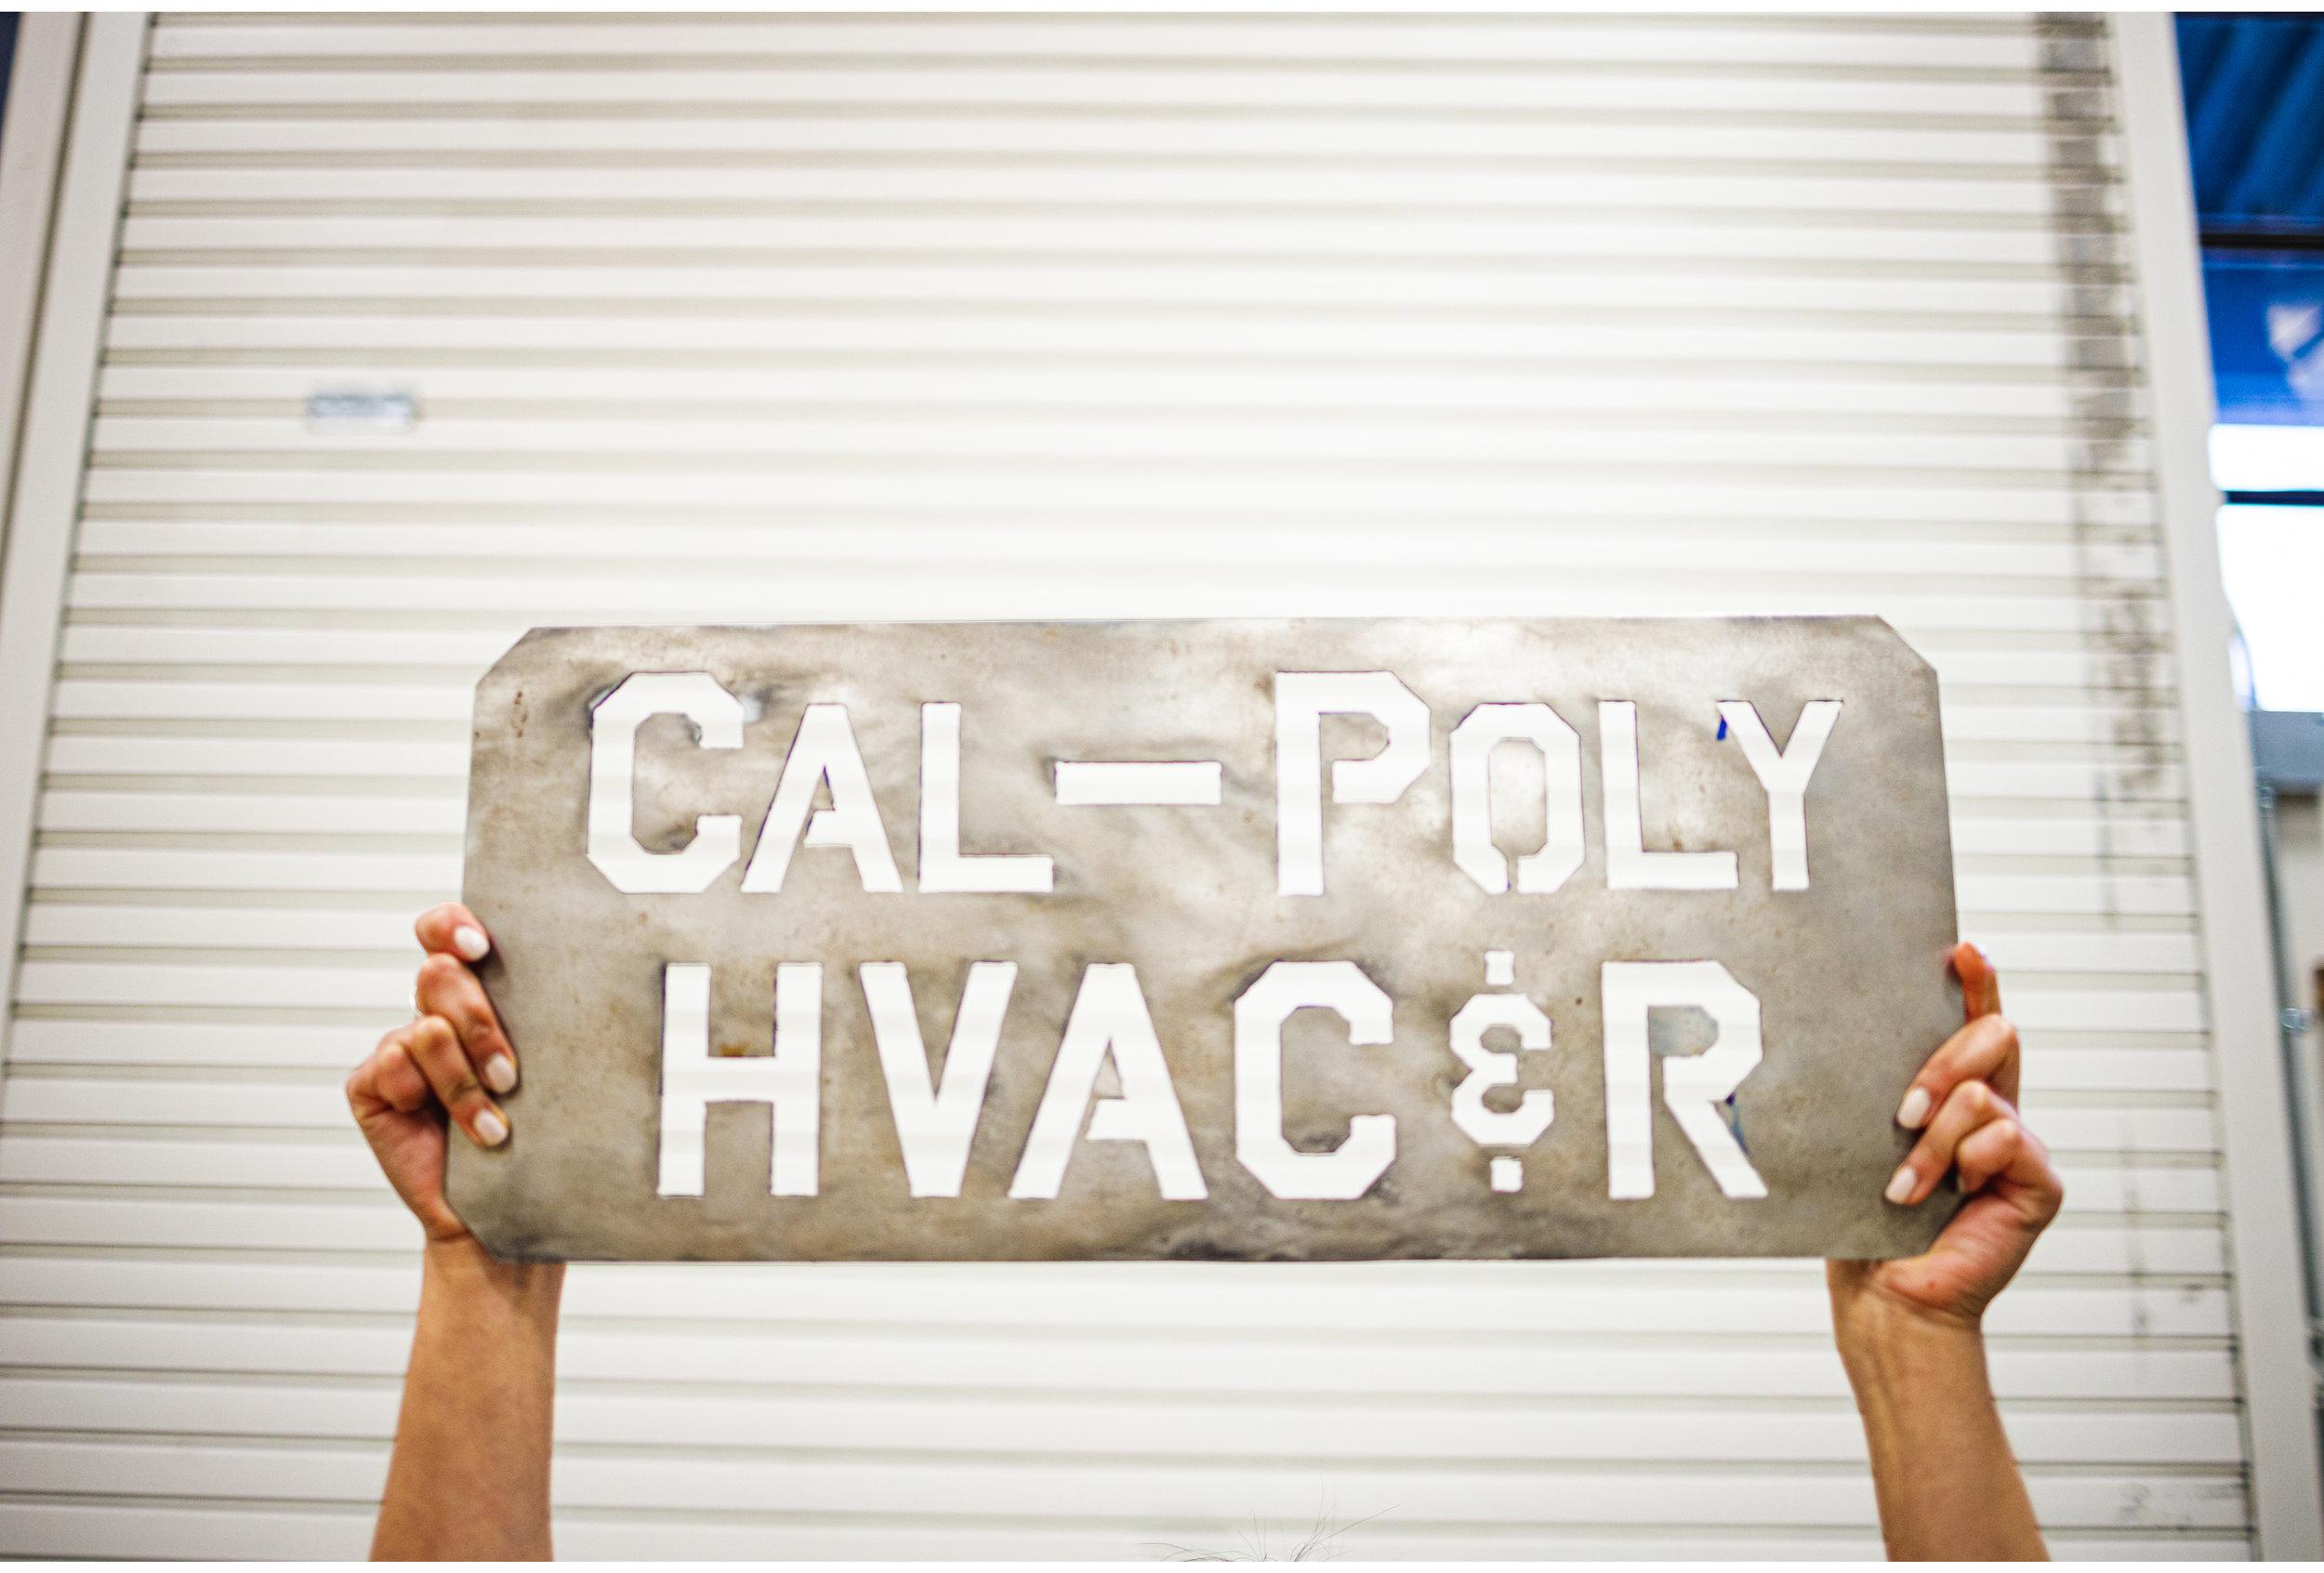 Cal Poly HVAC.jpg